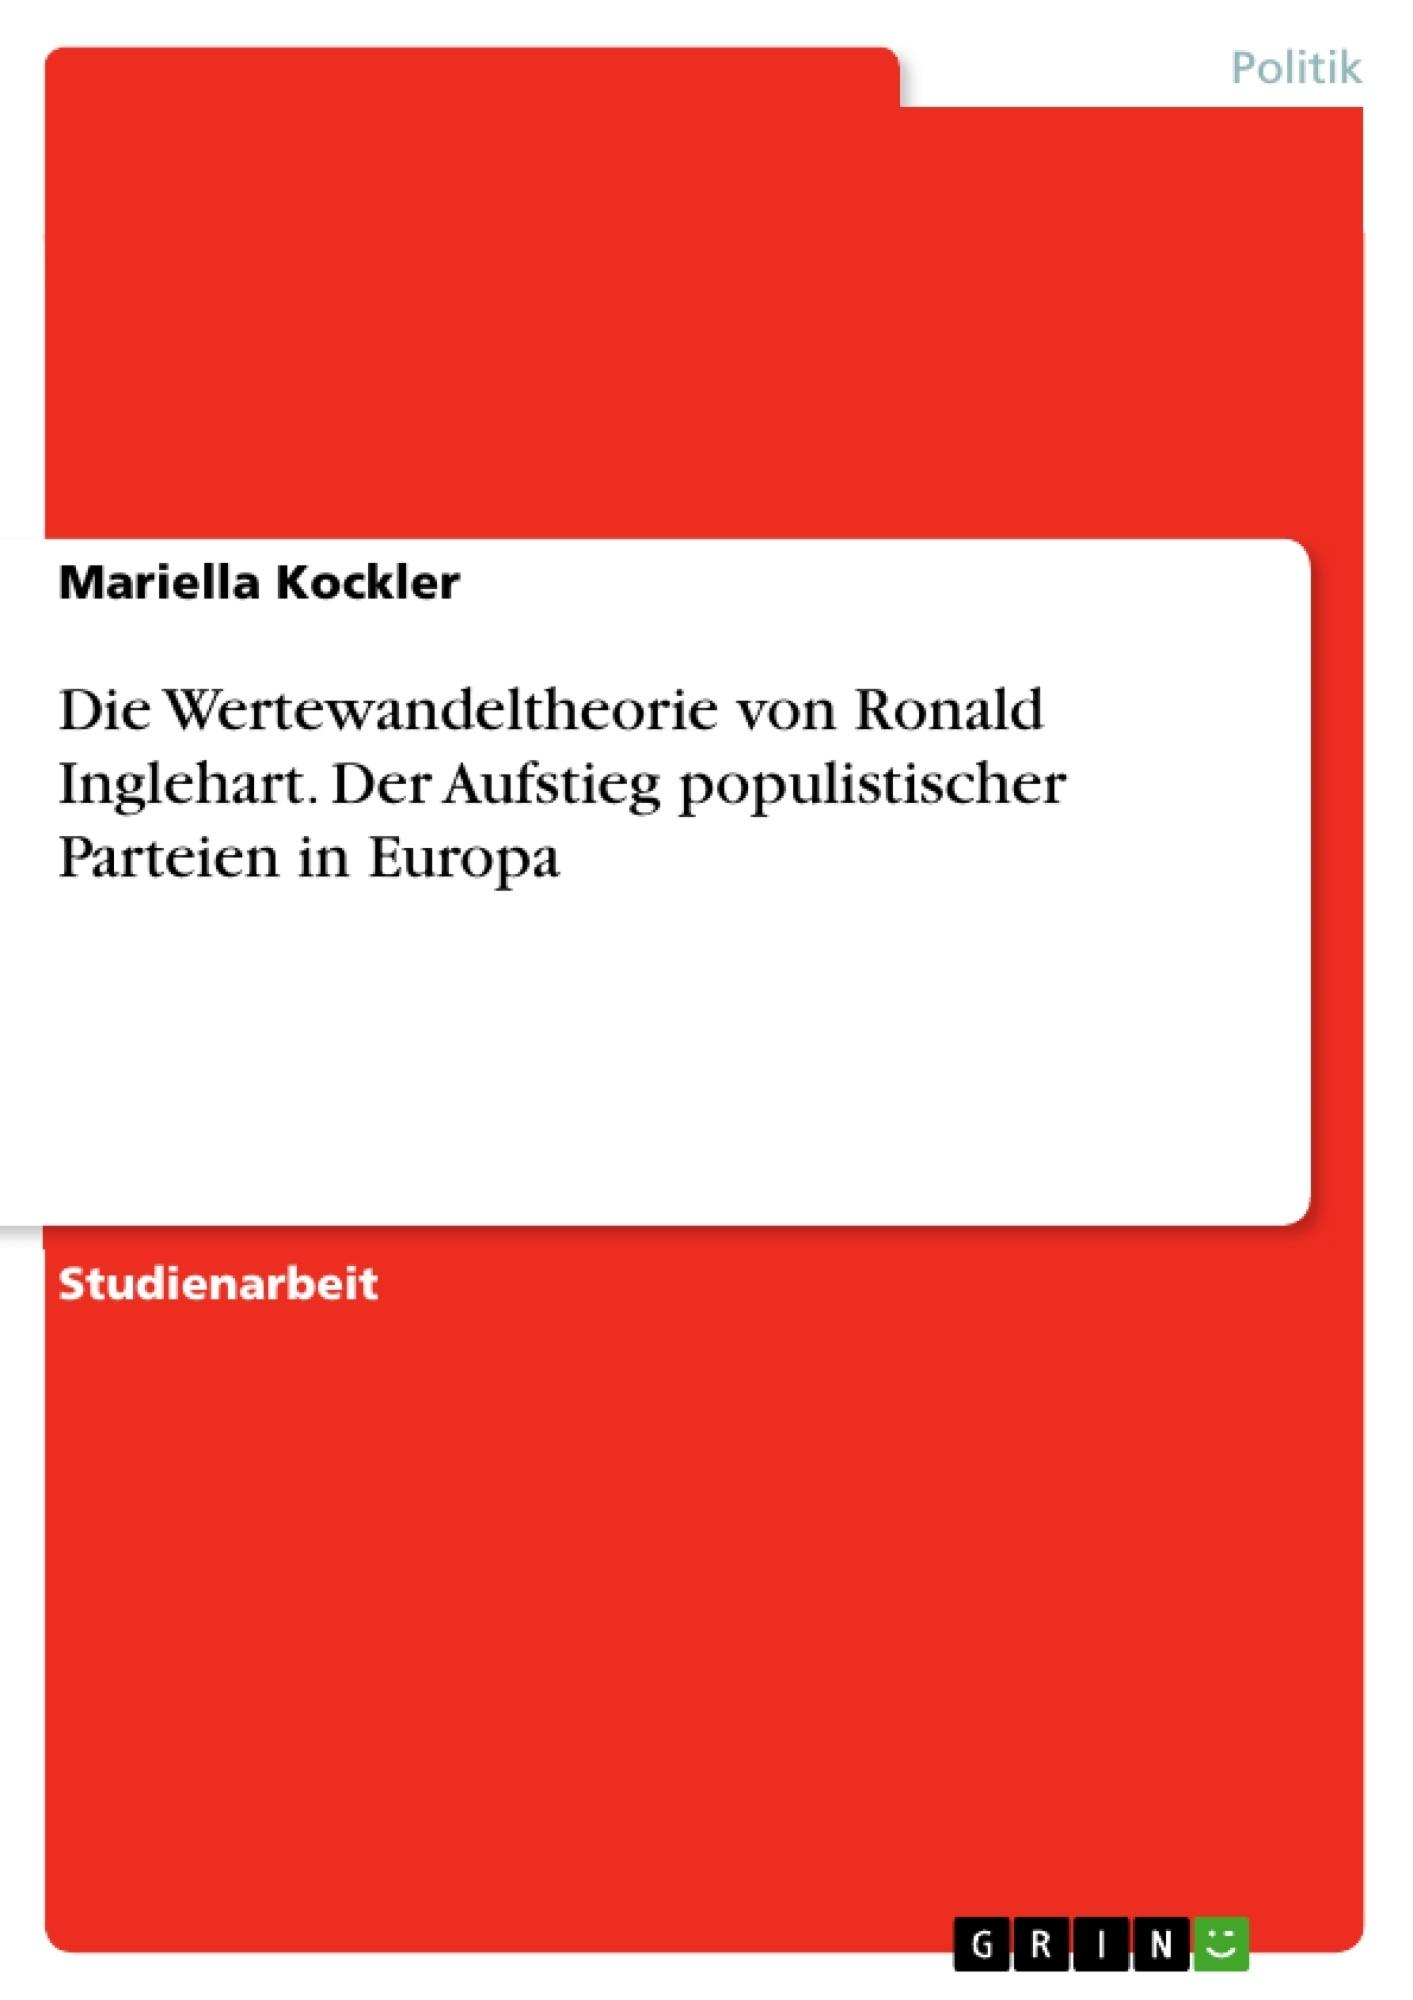 Titel: Die Wertewandeltheorie von Ronald Inglehart. Der Aufstieg populistischer Parteien in Europa